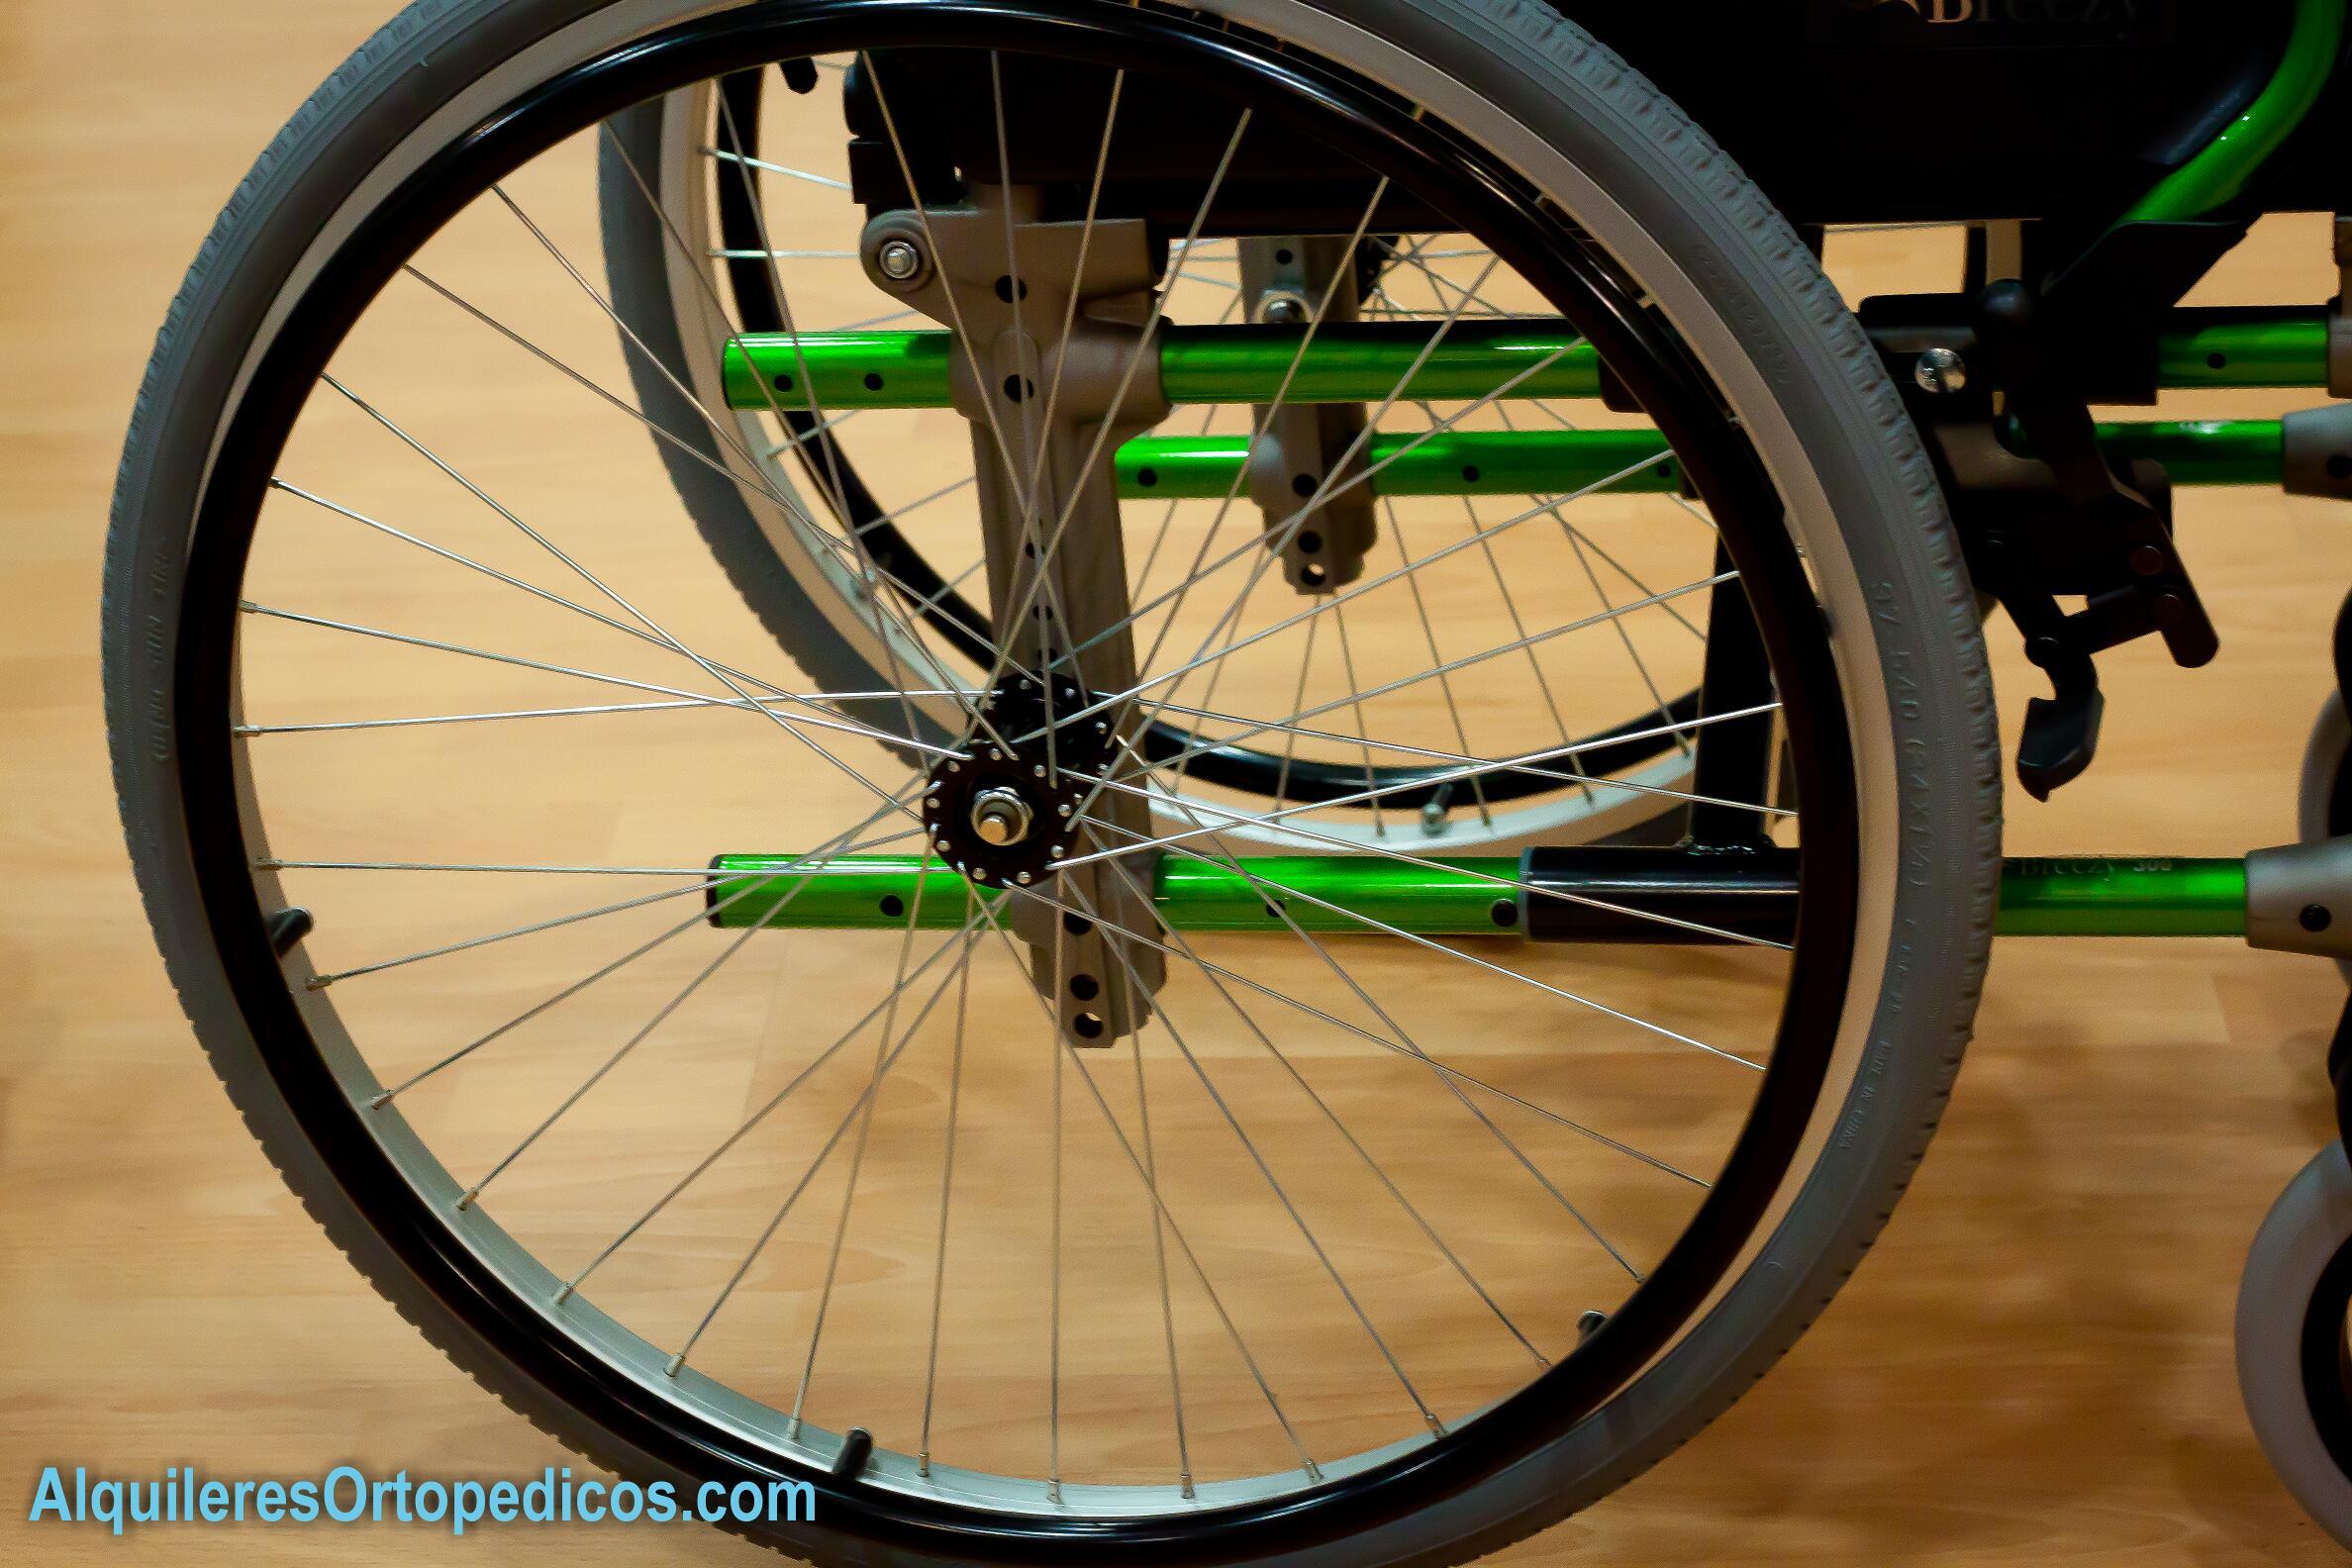 Silla de ruedas rueda grande alquileres ortop dicos - Silla de paseo ruedas grandes ...